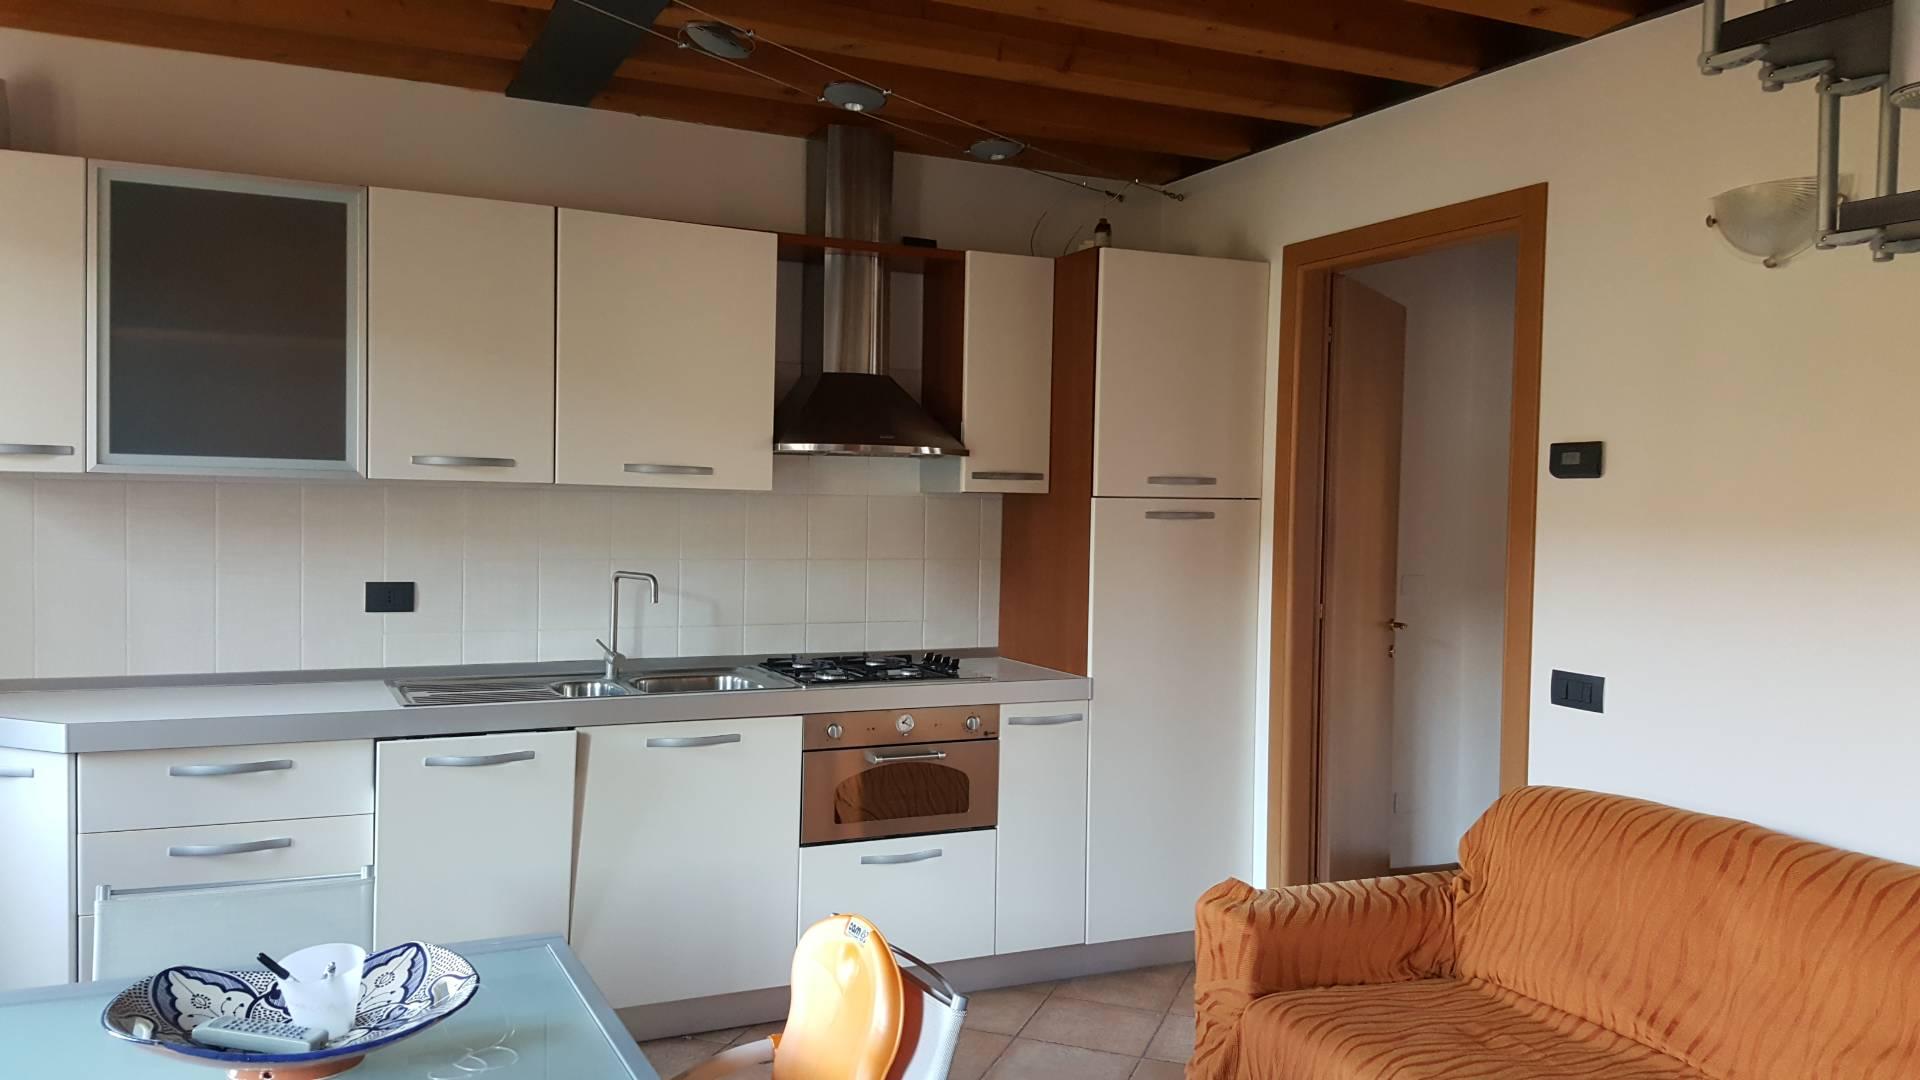 Appartamento in vendita a Soave, 3 locali, prezzo € 138.000 | Cambio Casa.it